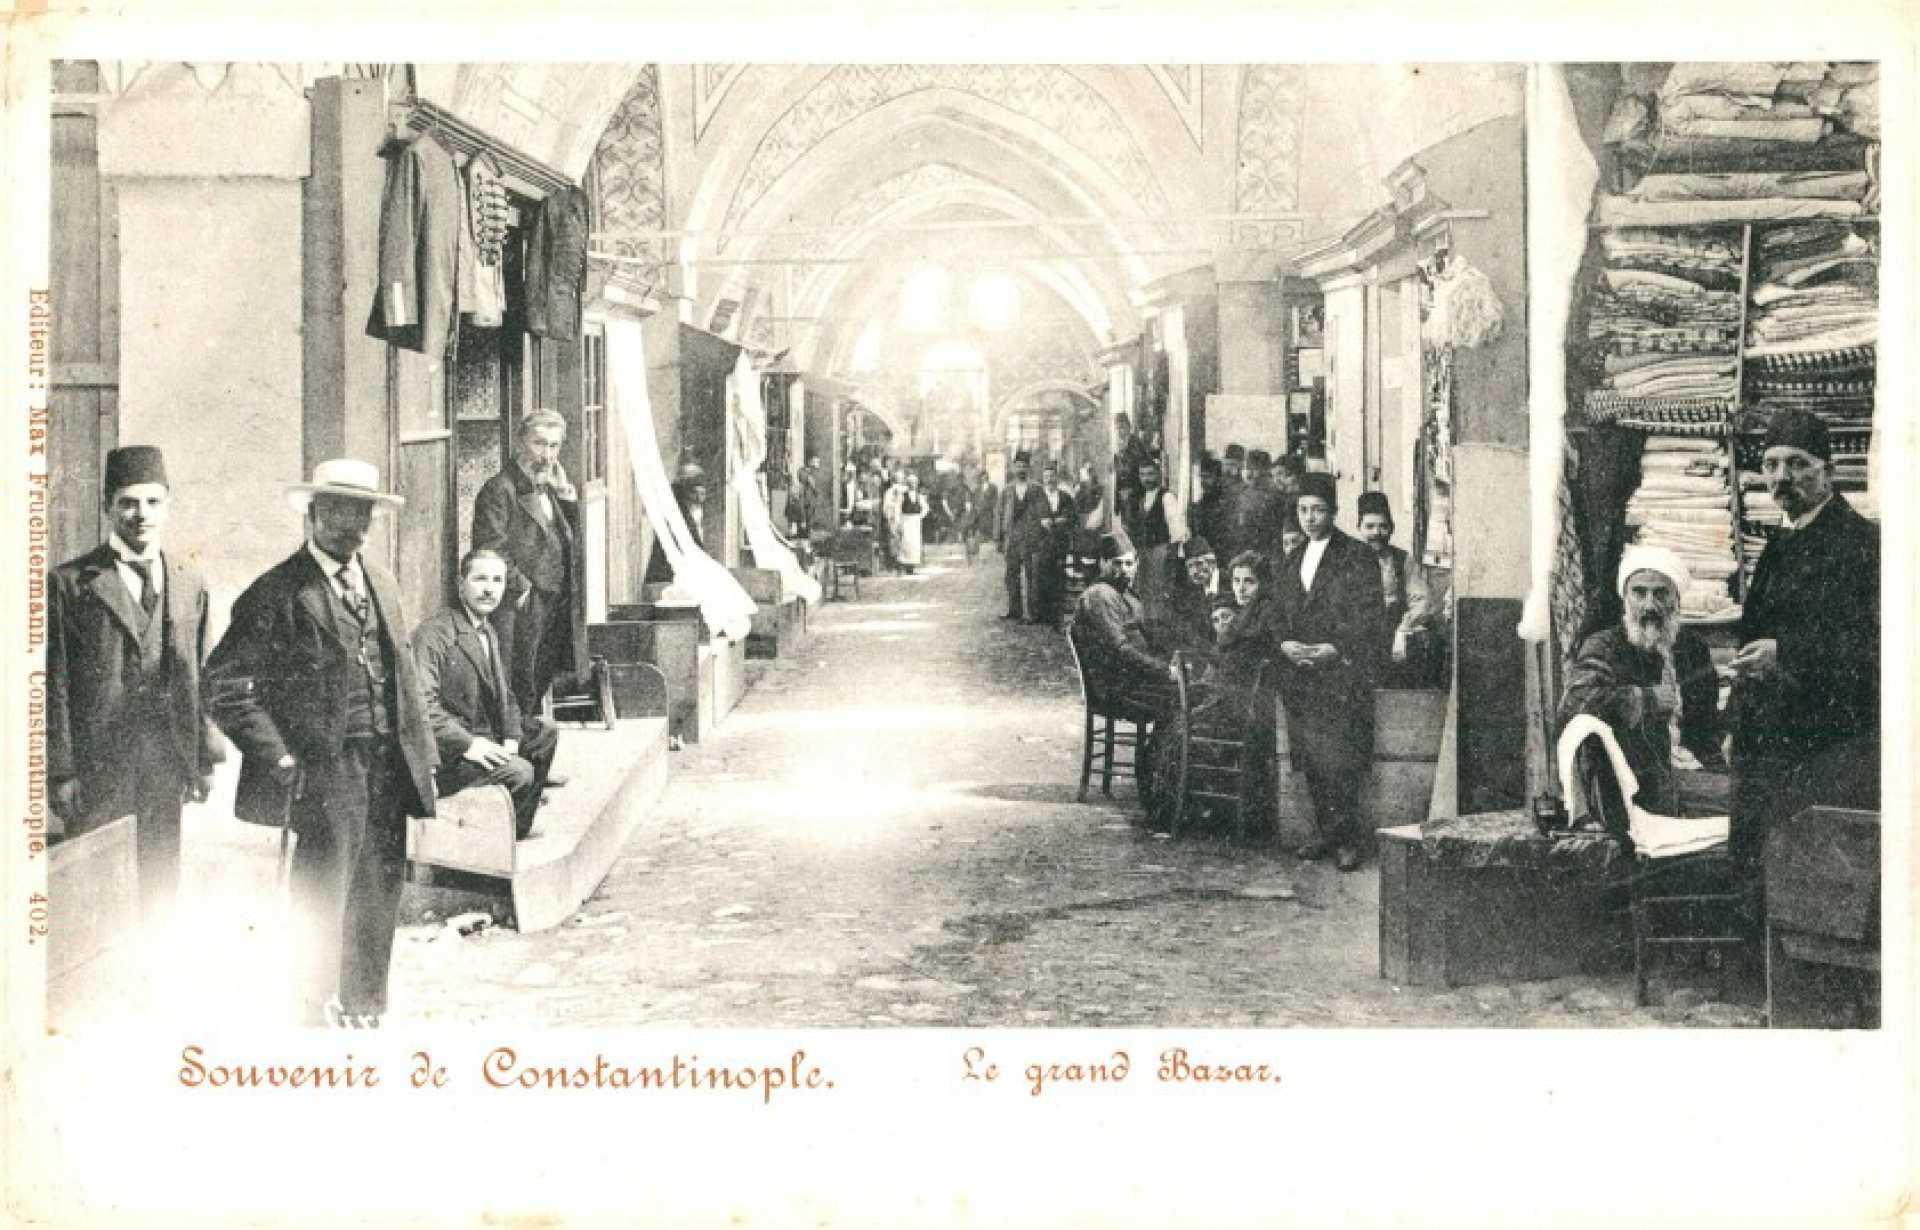 Le grand Bazar. Souvenir de Constantinople